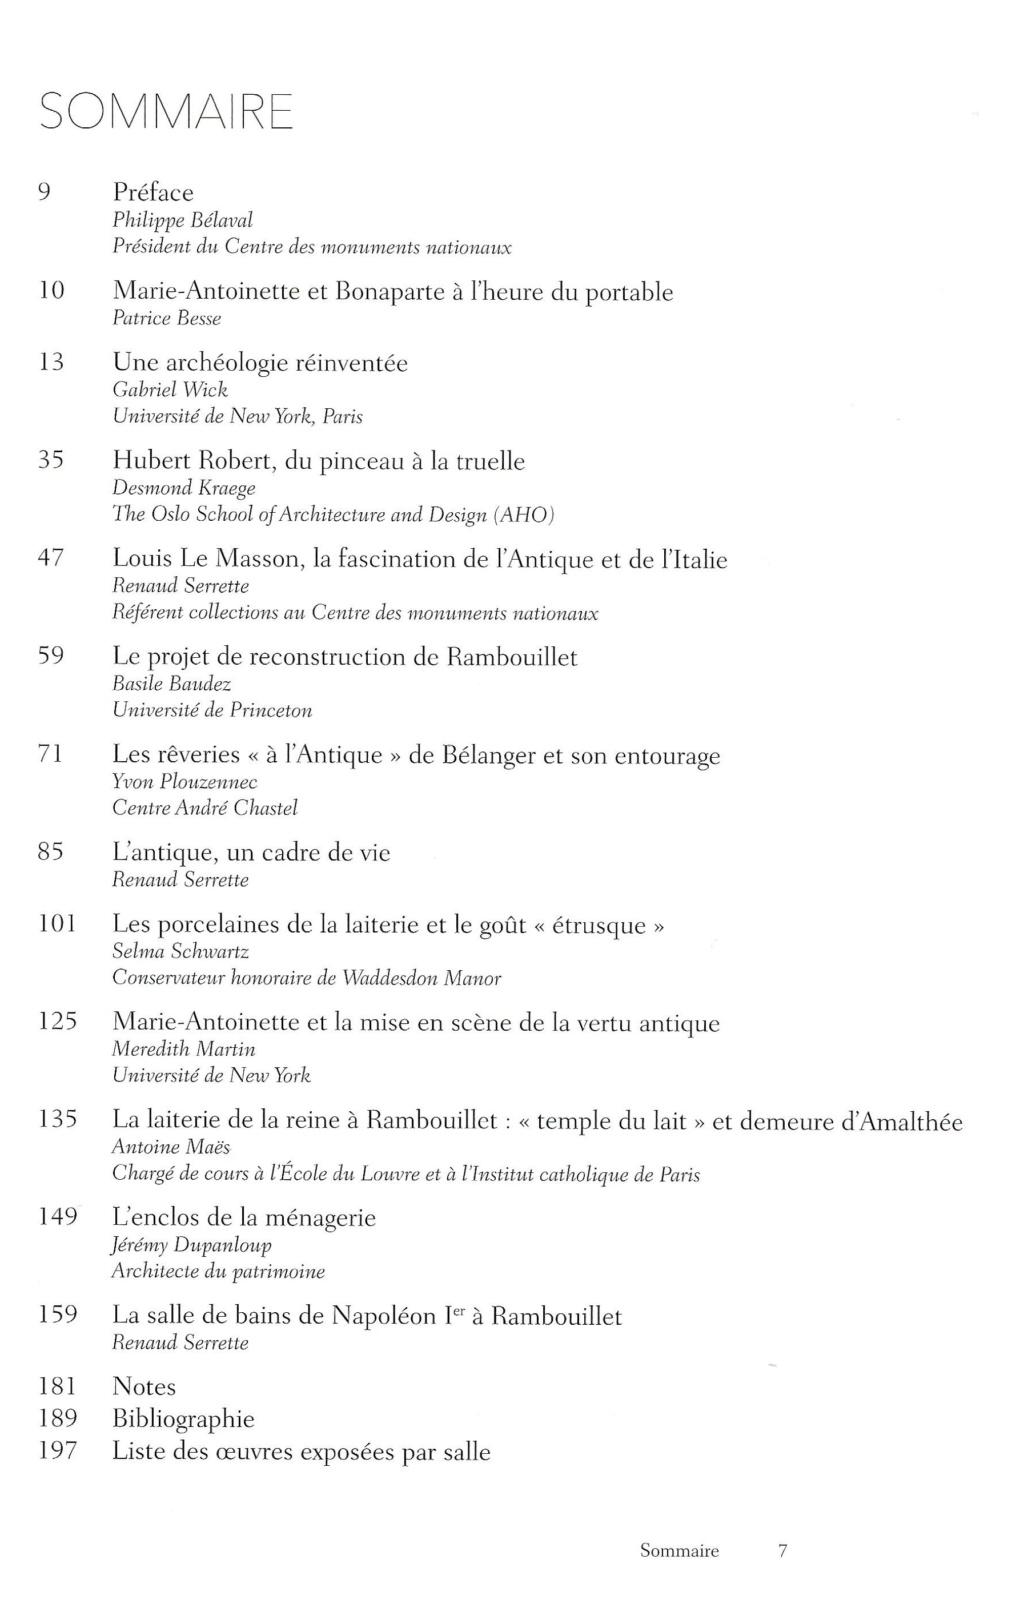 """Exposition """" Vivre à l'antique, de Marie-Antoinette à Napoléon Ier """" - Château de Rambouillet Scan210"""